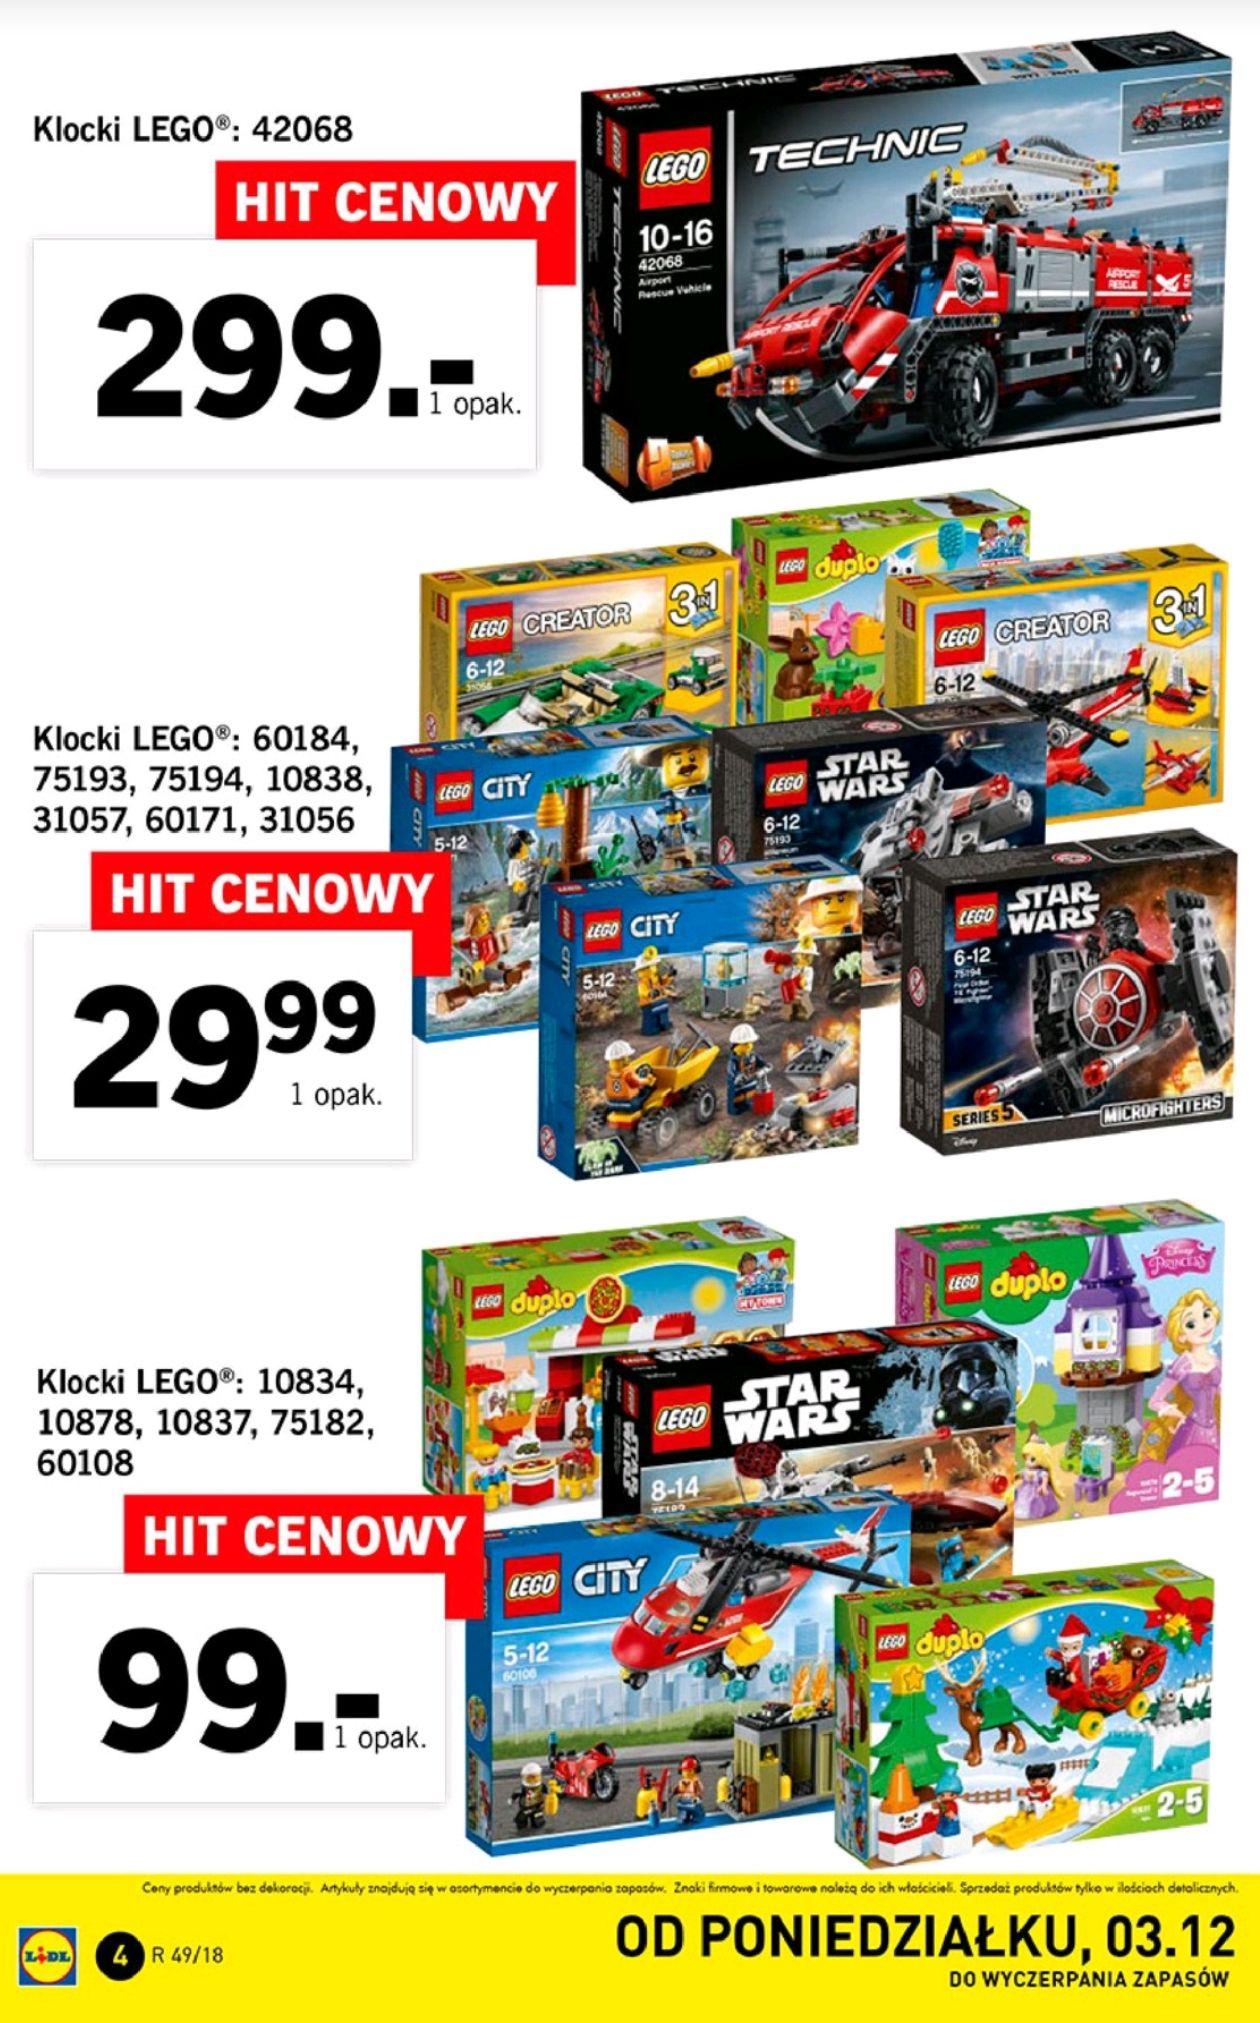 LEGO w LIDL-u od 29.99zł do 299 zł